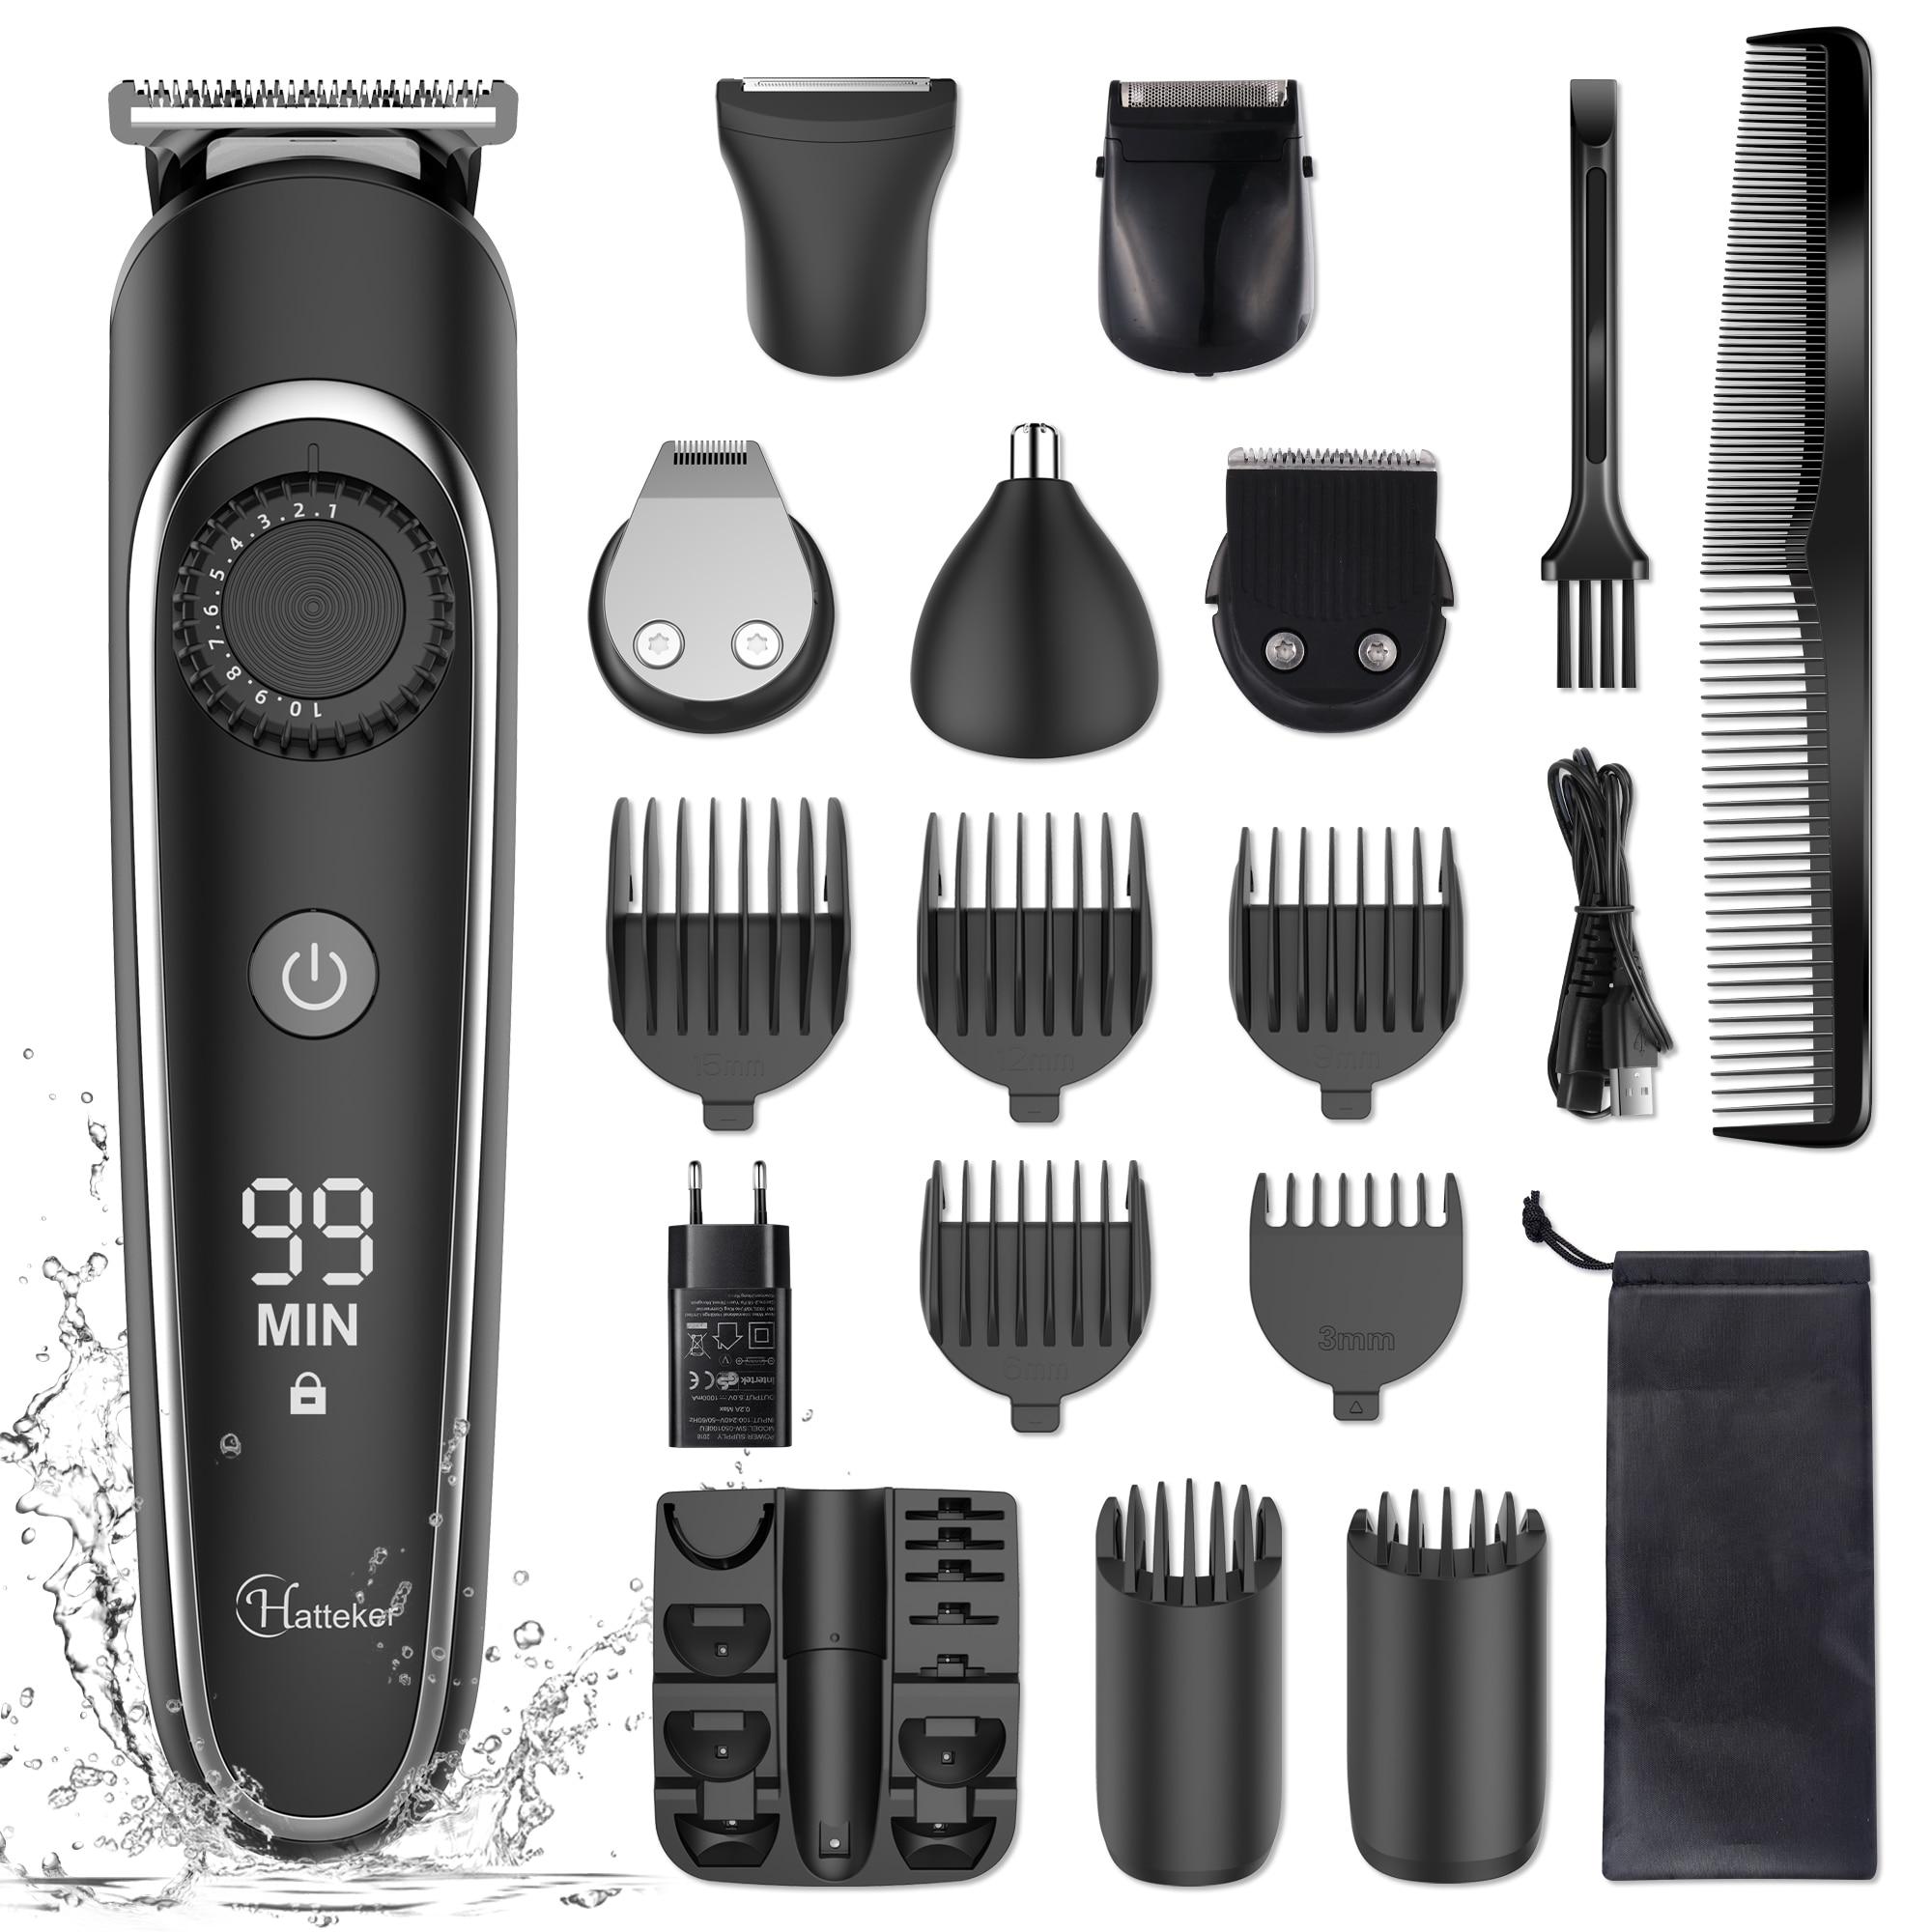 HATTEKER المهنية الشعر المتقلب 5 في 1 مقص الشعر للرجال قابلة للشحن الحلاقة الكهربائية قابل للتعديل الدقة المتقلب